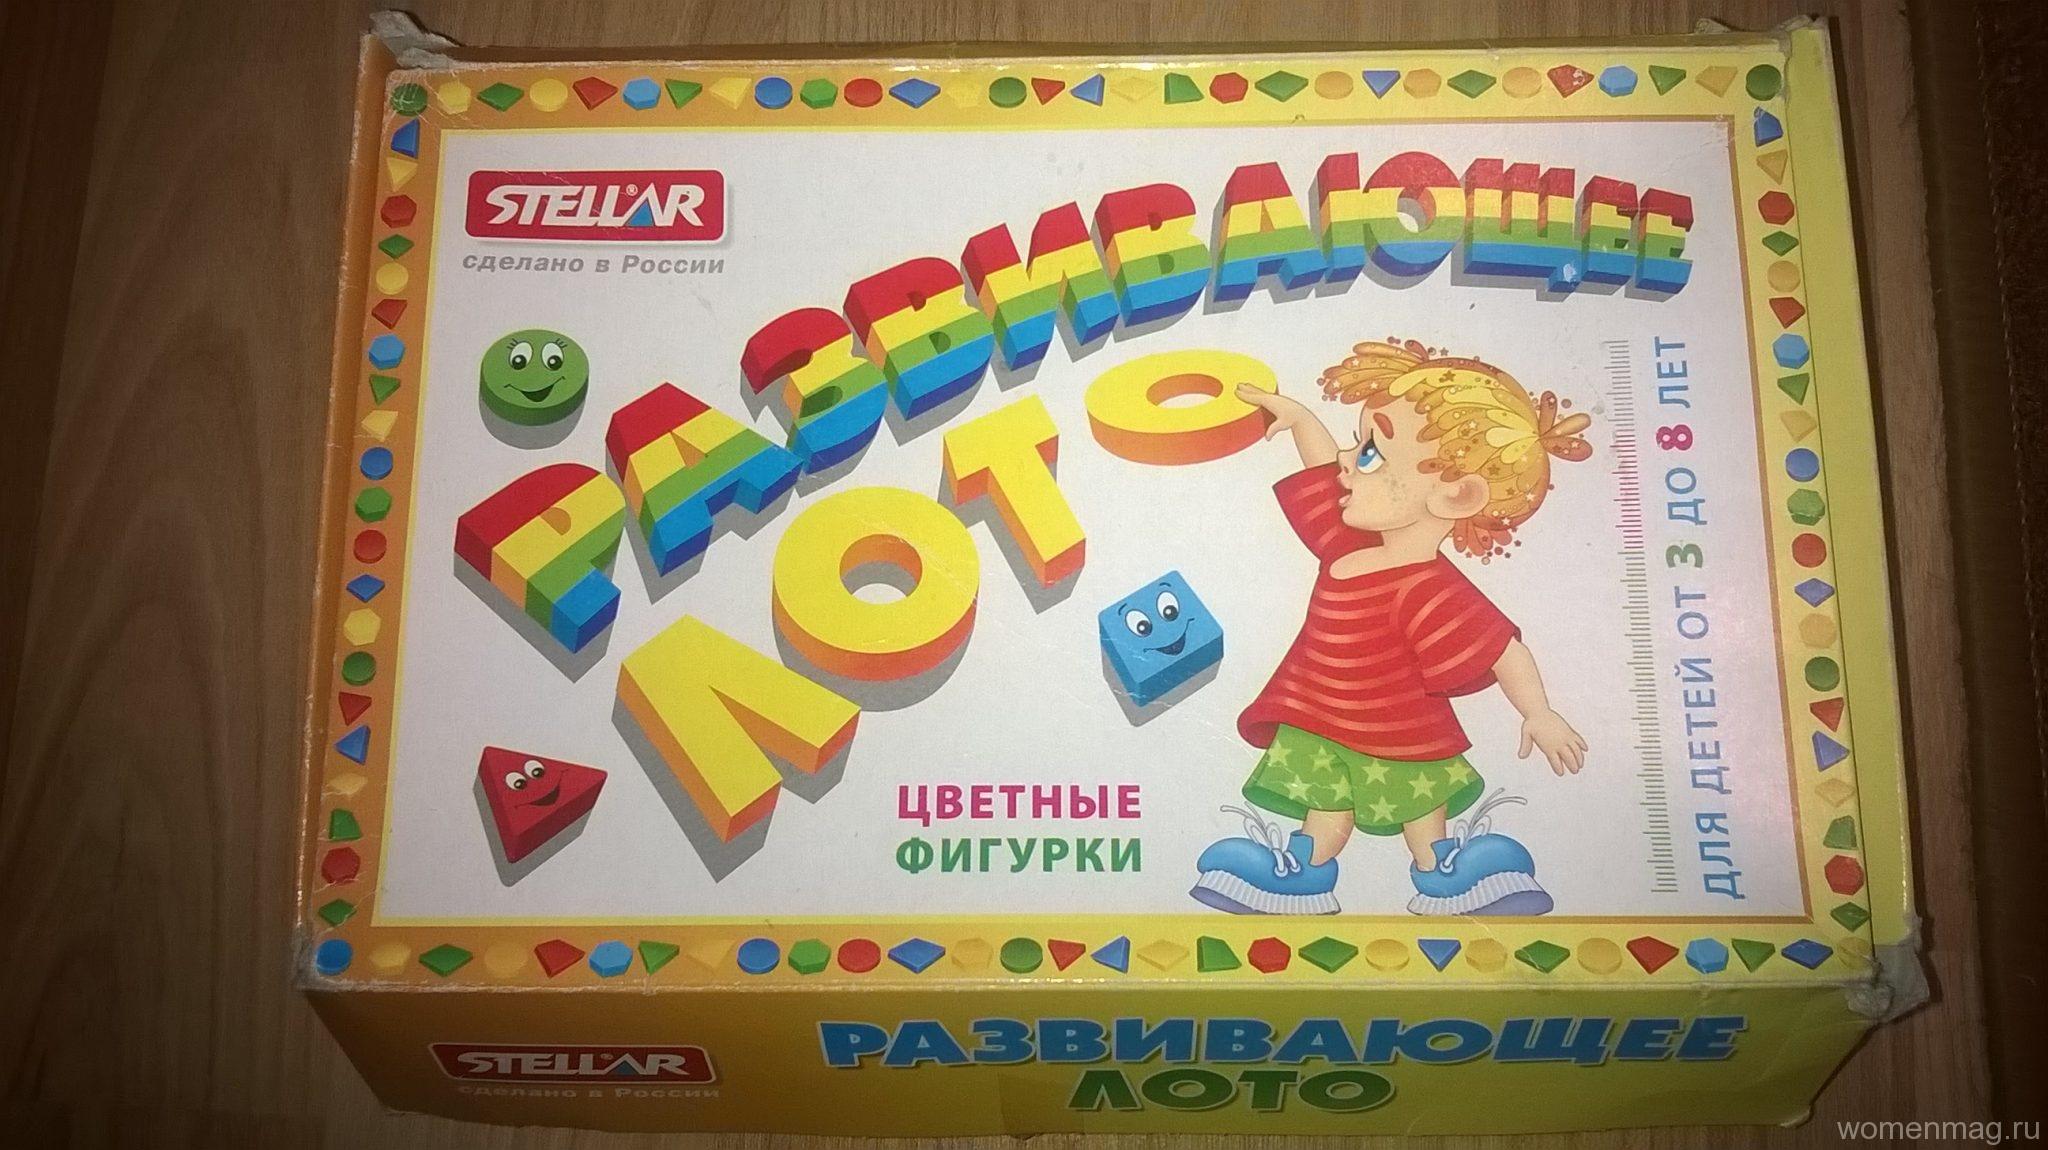 Отзыв о развивающем лото «Цветные фигурки» от Stellar для детей от 3 до 8 лет